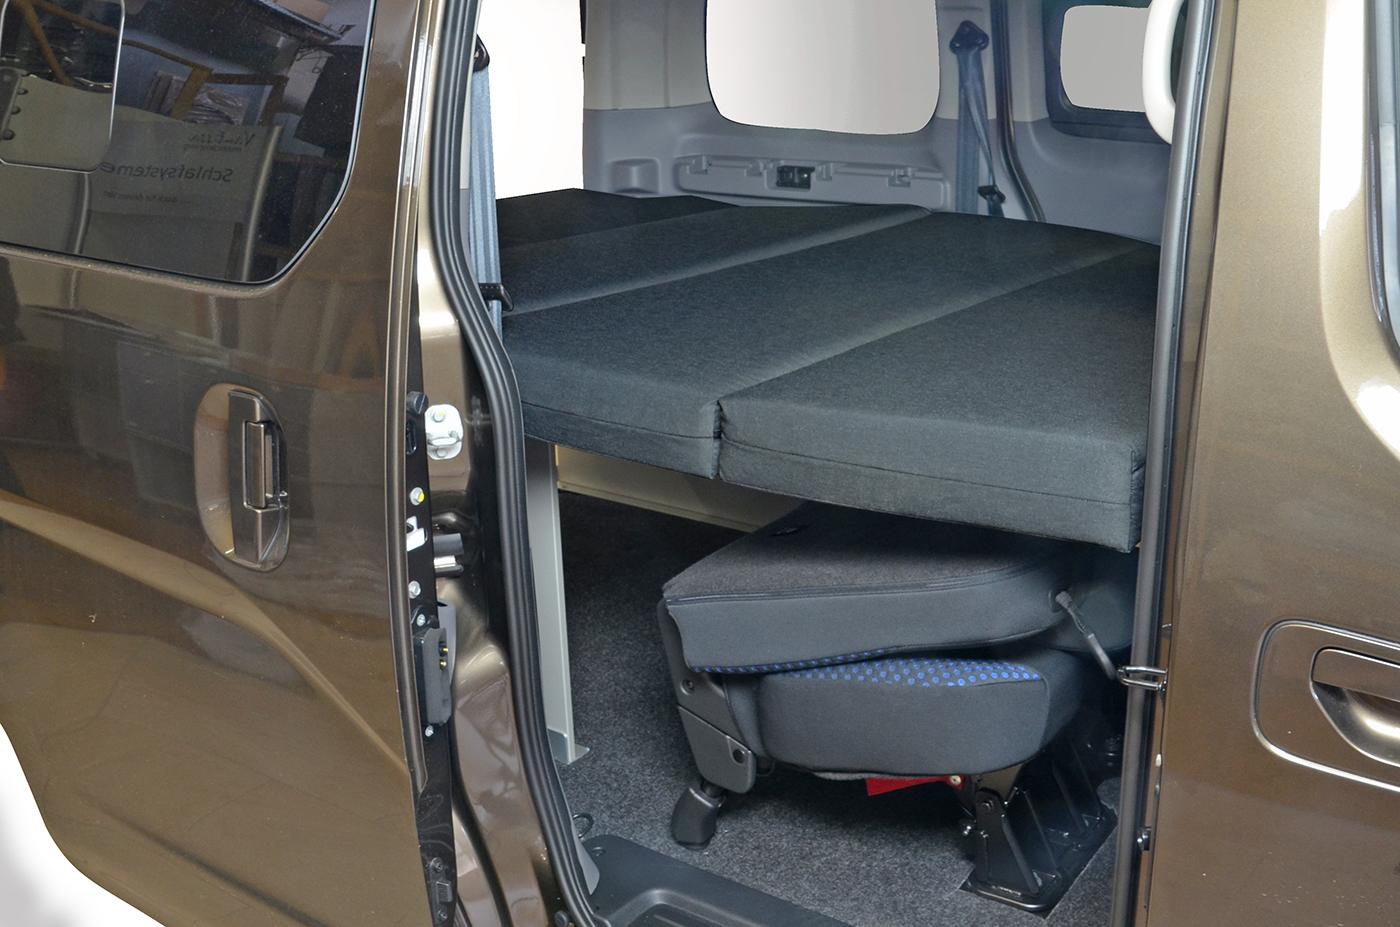 vanessa mobilcamping - camping ausbau für deinen van - t5, t6